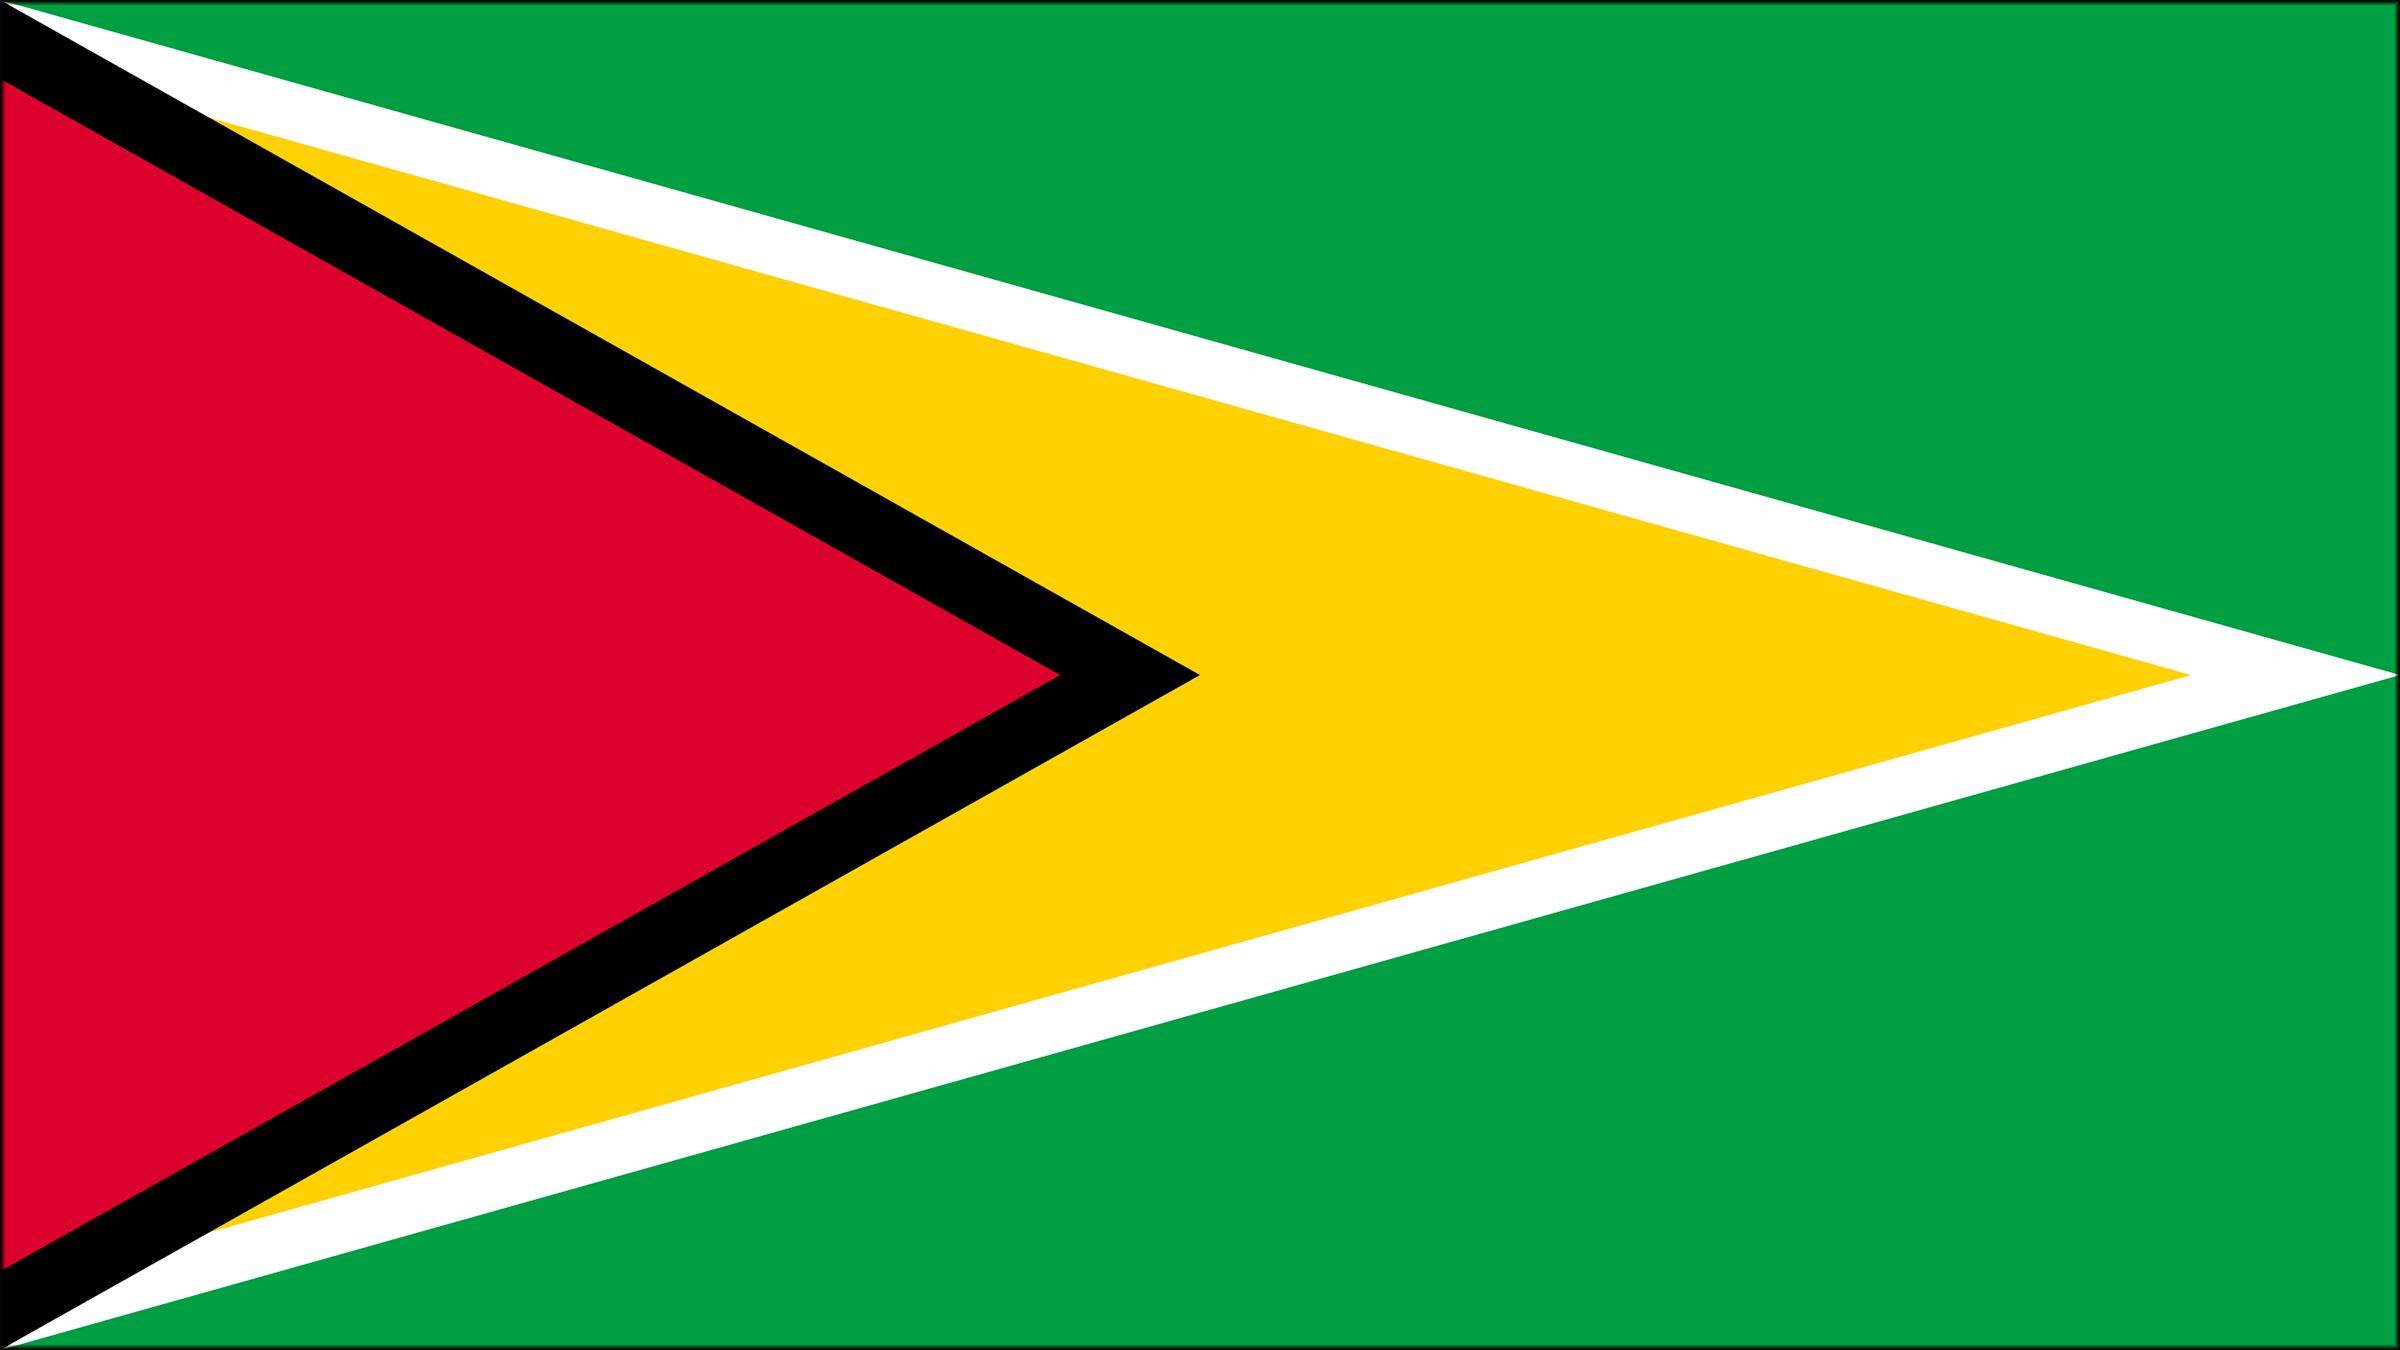 Guyana y su bandera oficial 7c39af7feabca